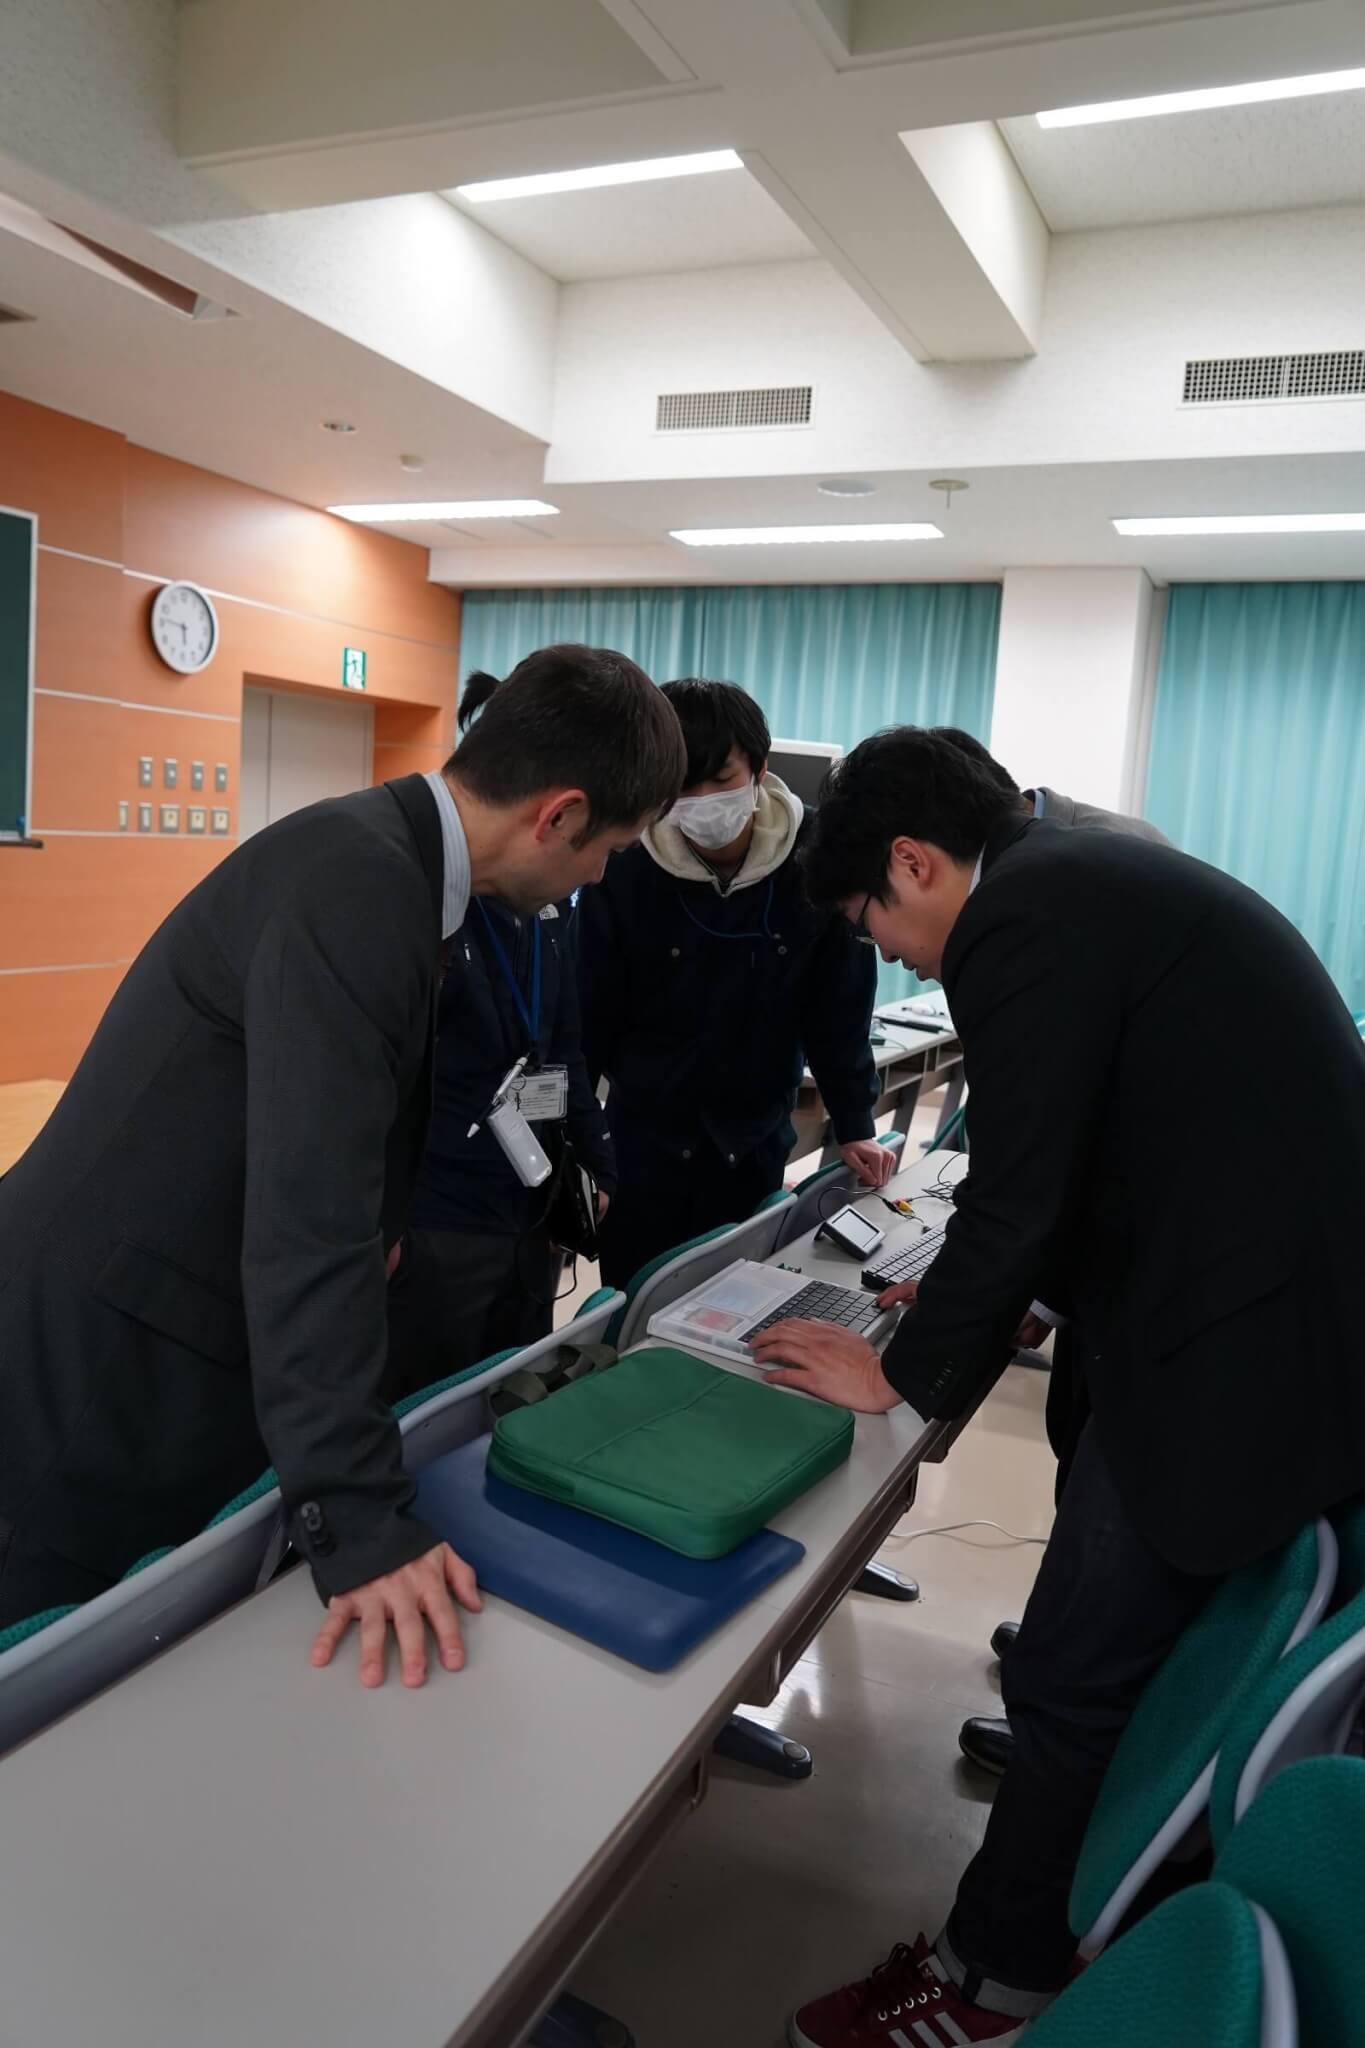 高専の職員がIchigoDyhookでプログラミング [2020年2月20日長岡工業高等専門学校にて]